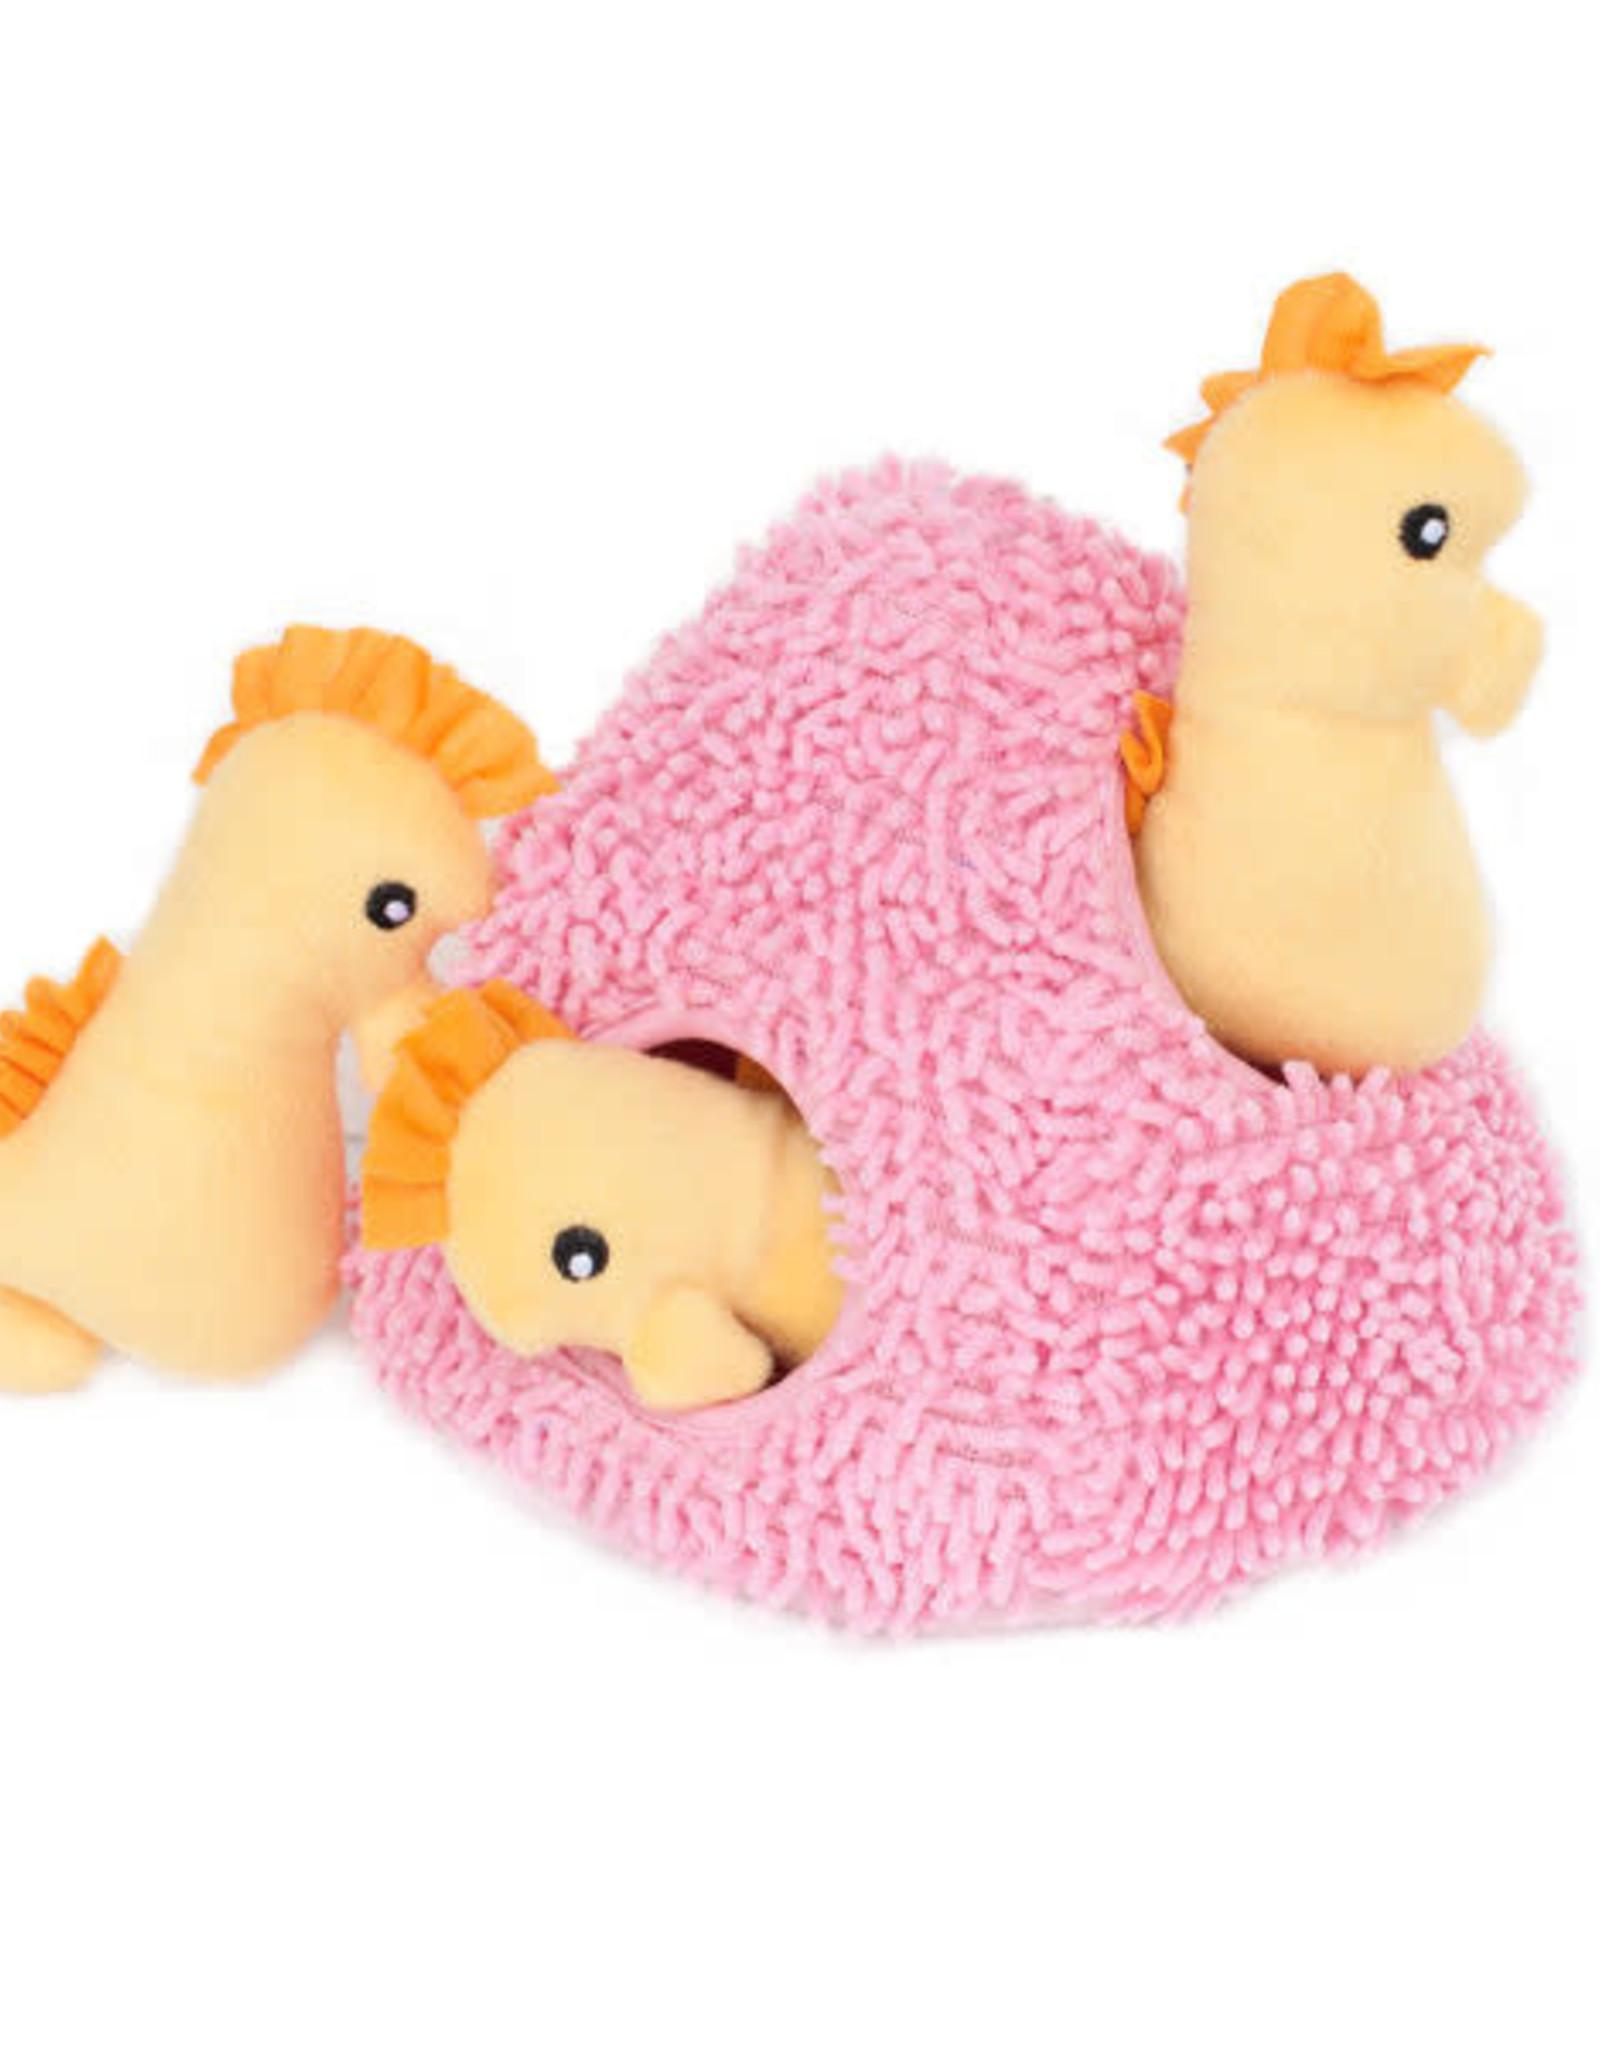 ZippyPaws Zippy Paws Seahorse & Coral Burrow Toy